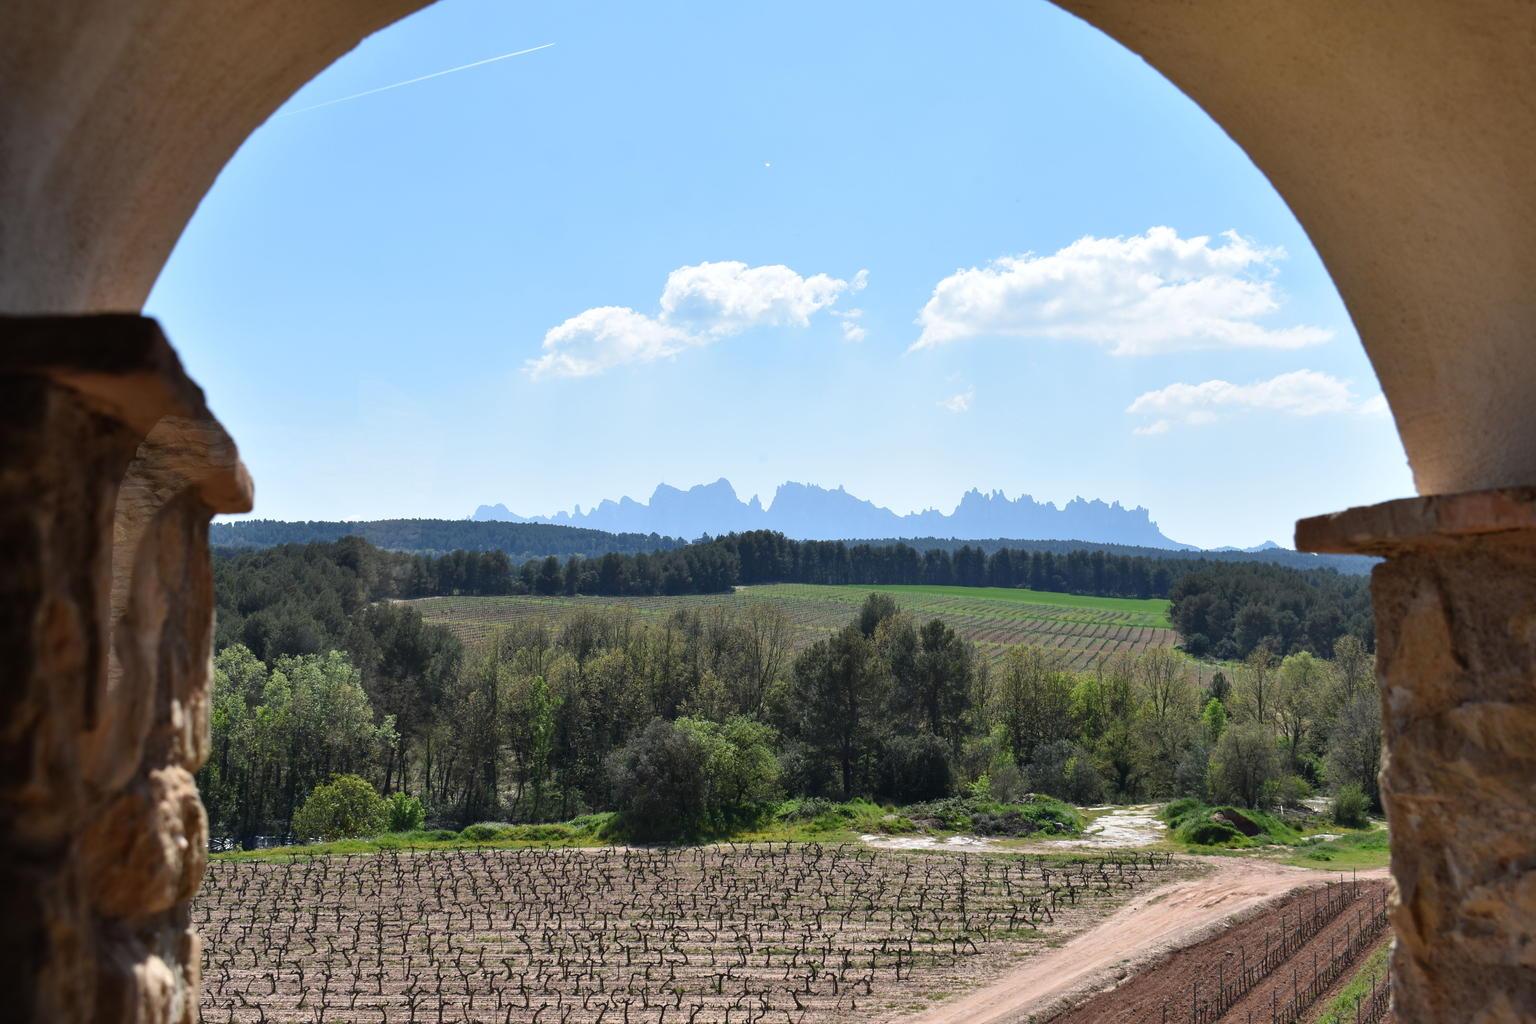 MÁS FOTOS, Excursión de medio día a Montserrat con tapas y vinos gourmet desde Barcelona